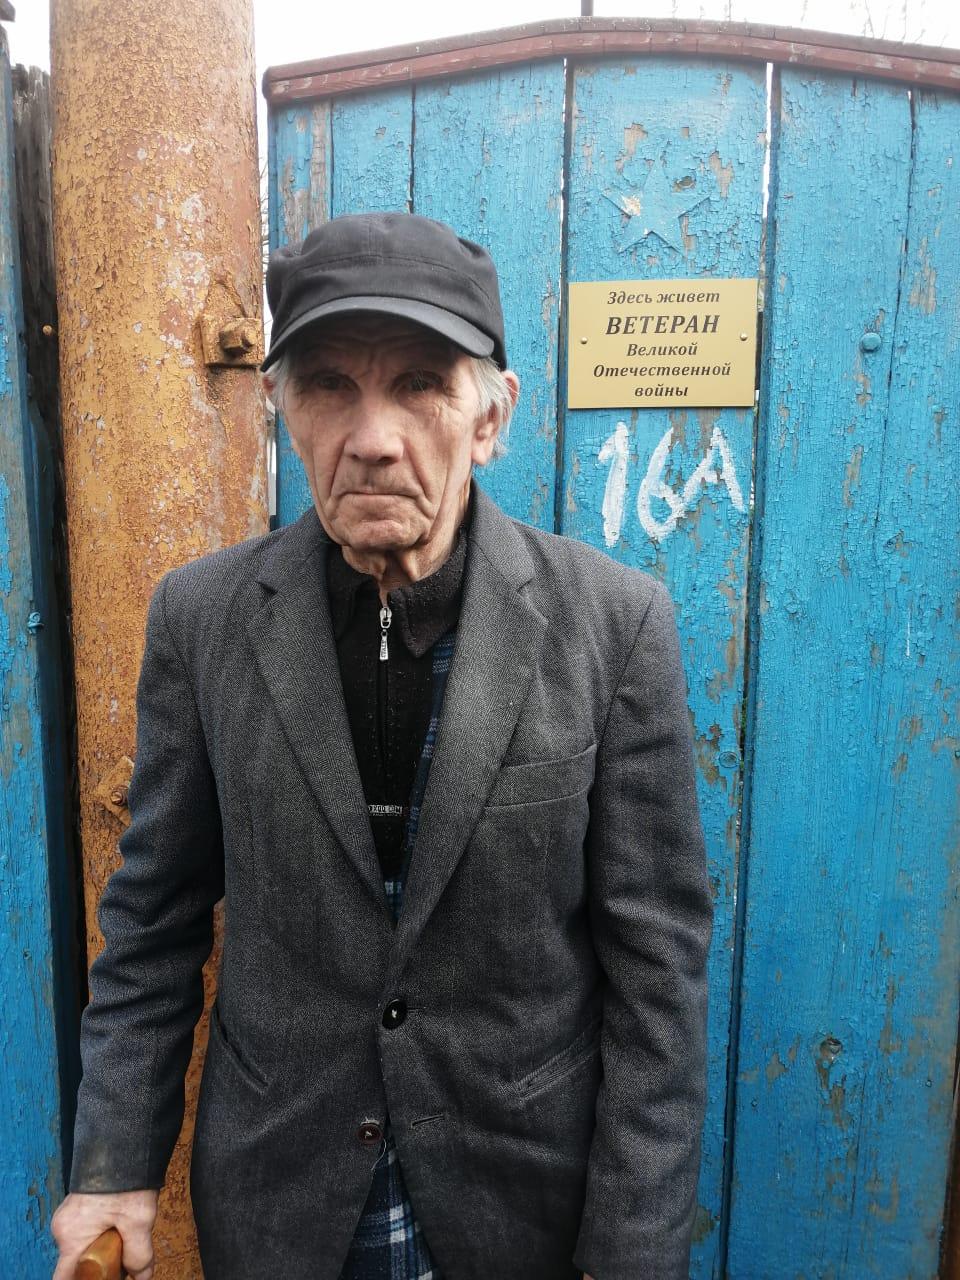 Андрей Иванович Кравченко стал свидетелем расправы над евреями в 1942 году.